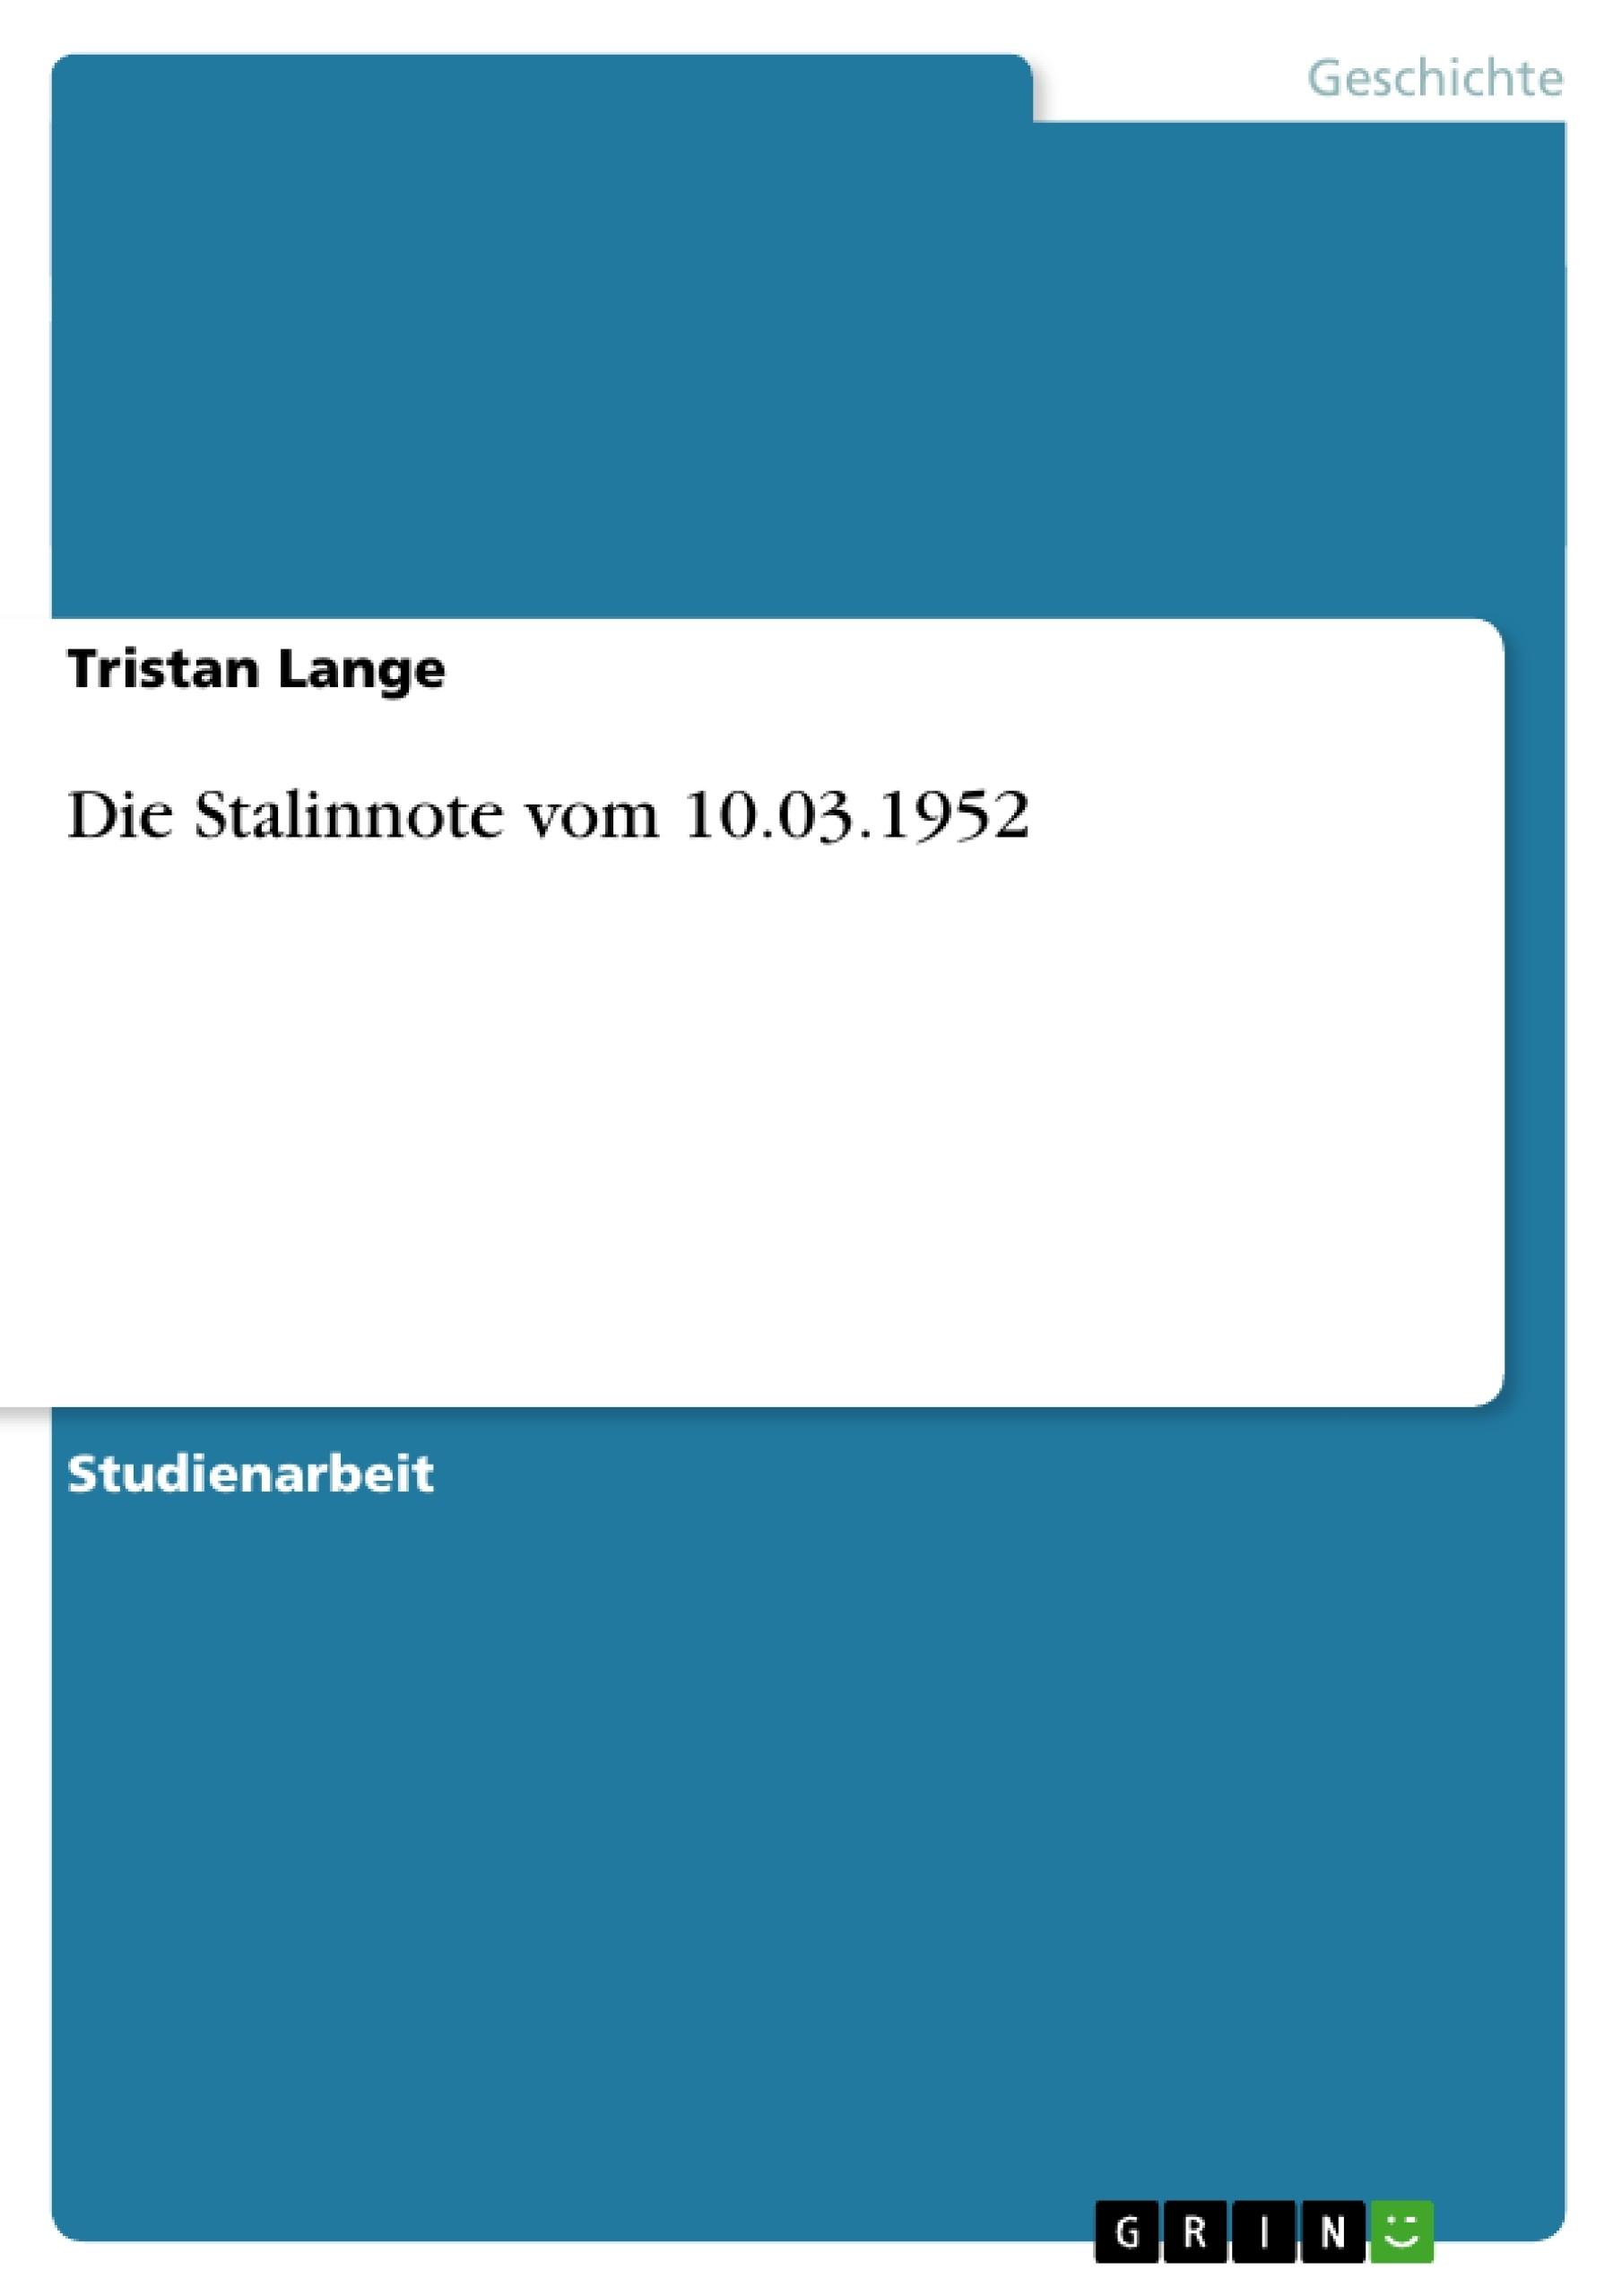 Titel: Die Stalinnote  vom 10.03.1952